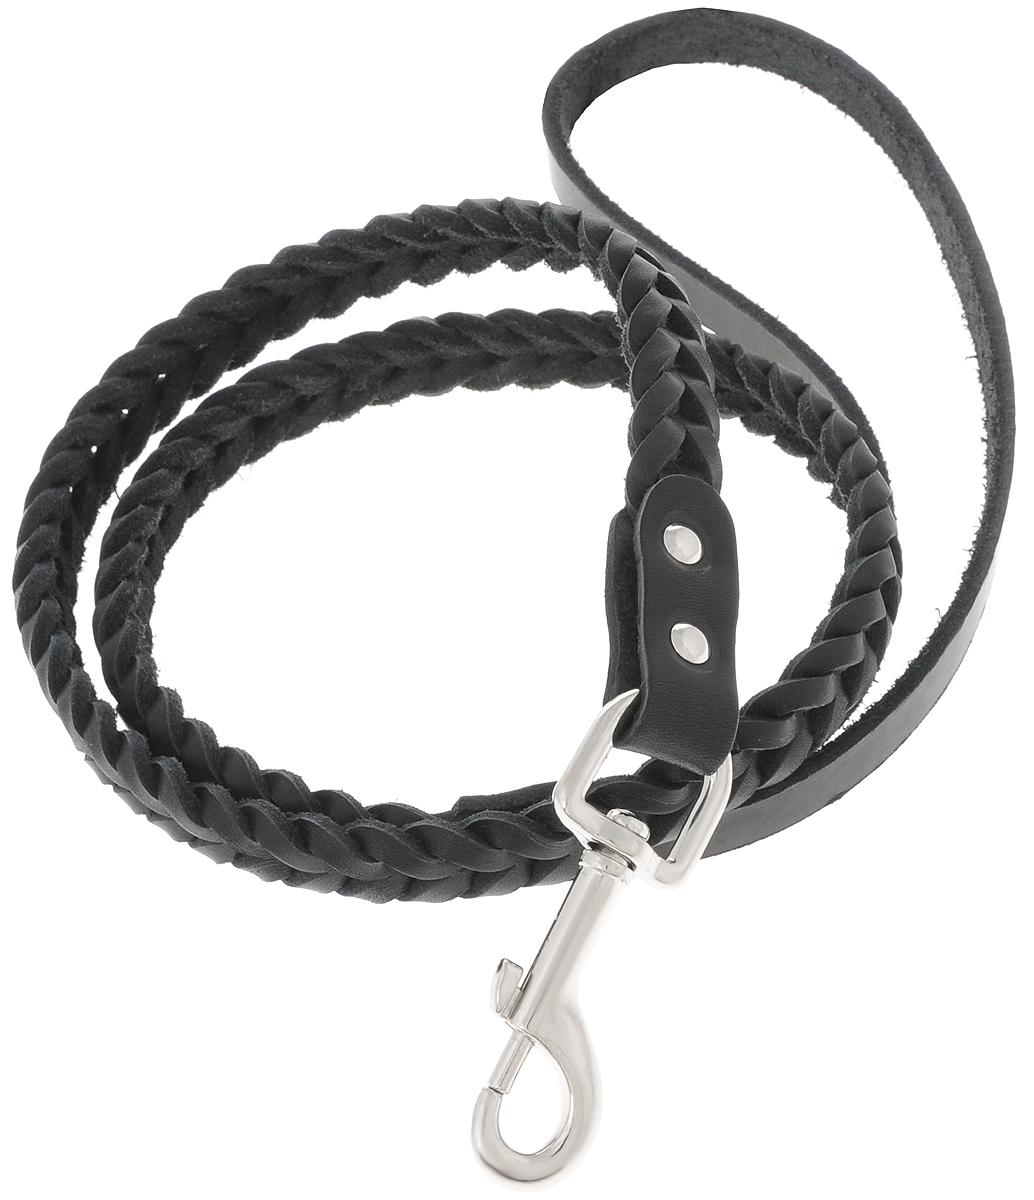 Поводок для собак Каскад Классика, плетеный, цвет: черный, ширина 1 см, длина 1,25 м02010021чПоводок для собак Каскад Классика изготовлен из высококачественной искусственный кожи в виде объемного плетения и снабжен металлическим карабином. Изделие отличается не только исключительной надежностью и удобством, но и привлекательным современным дизайном. Поводок - необходимый аксессуар для собаки. Ведь в опасных ситуациях именно он способен спасти жизнь вашему любимому питомцу. Иногда нужно ограничивать свободу своего четвероногого друга, чтобы защитить его или себя от неприятностей на прогулке. Длина поводка: 1,25 м. Ширина поводка: 1 см.